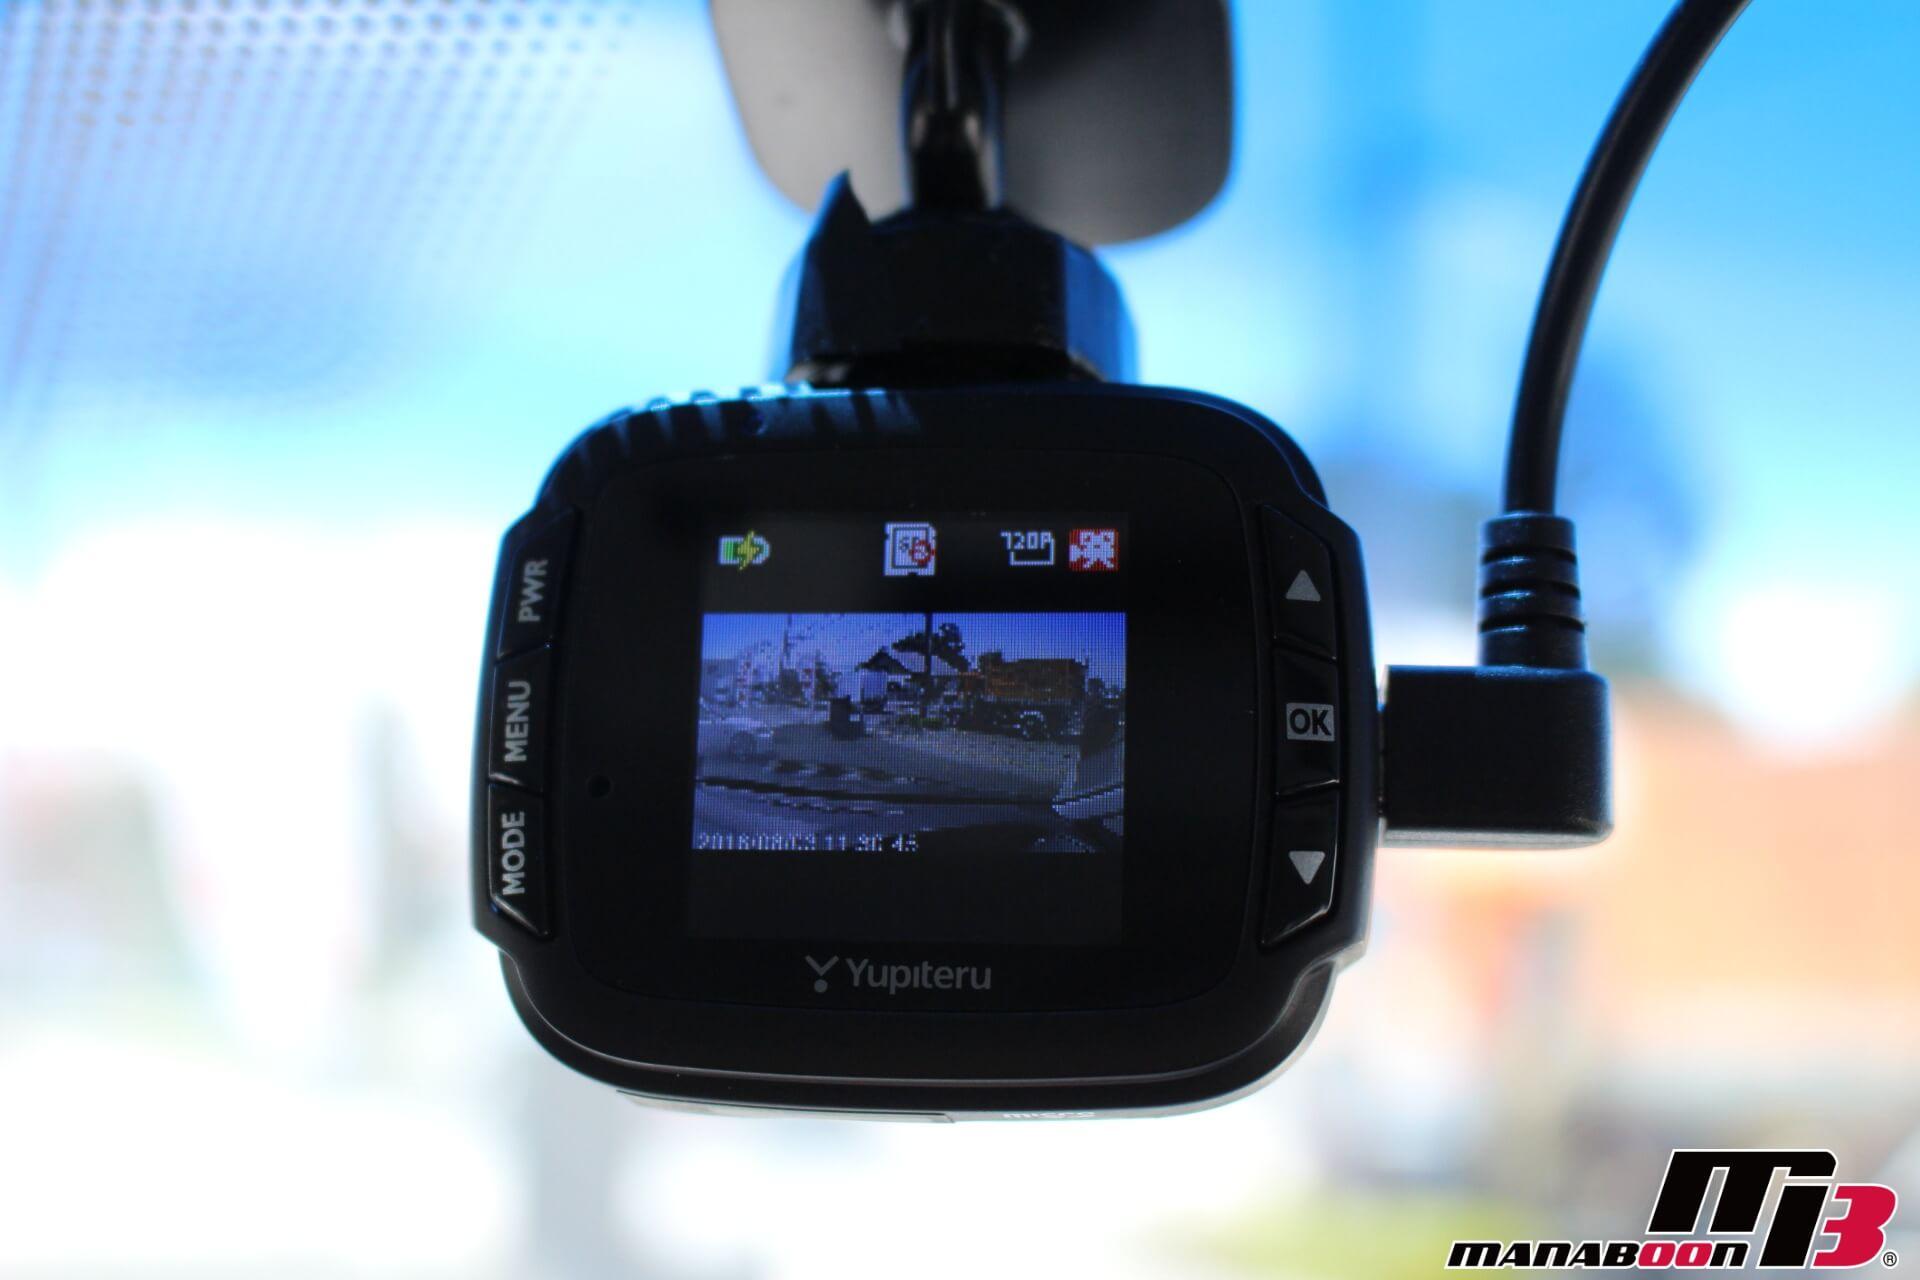 ユピテルドライブレコーダー画像